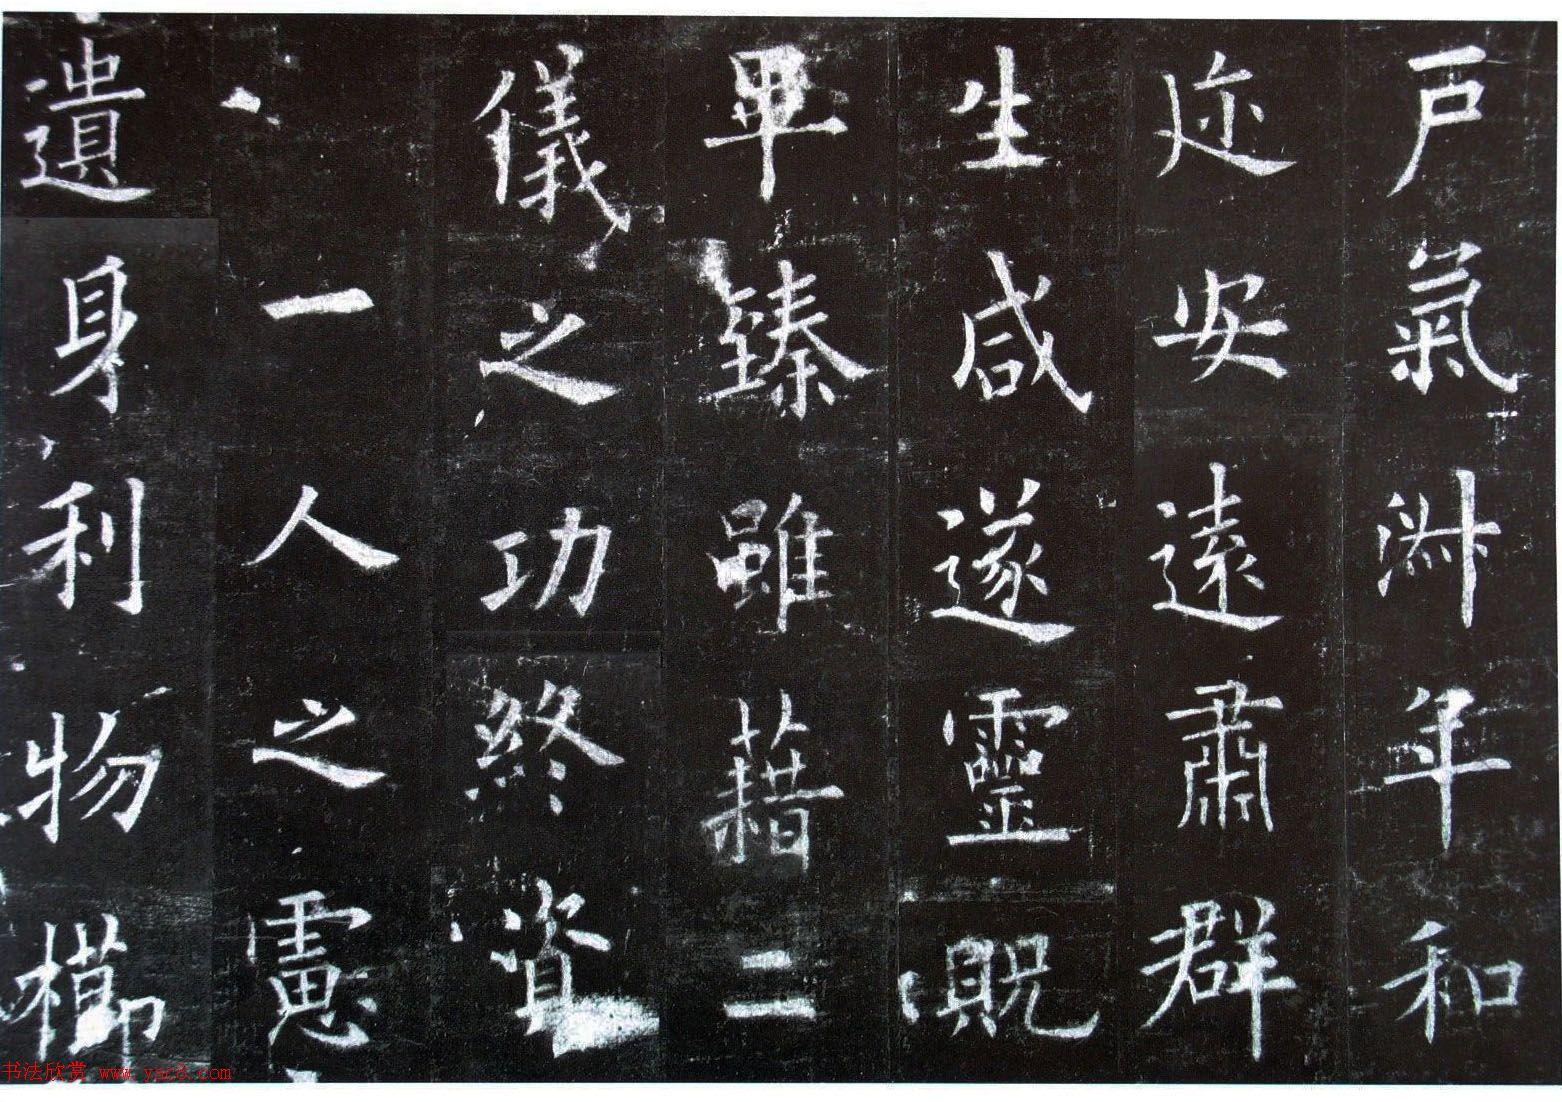 楷书第一《欧阳询九成宫醴泉铭碑》剪裱本